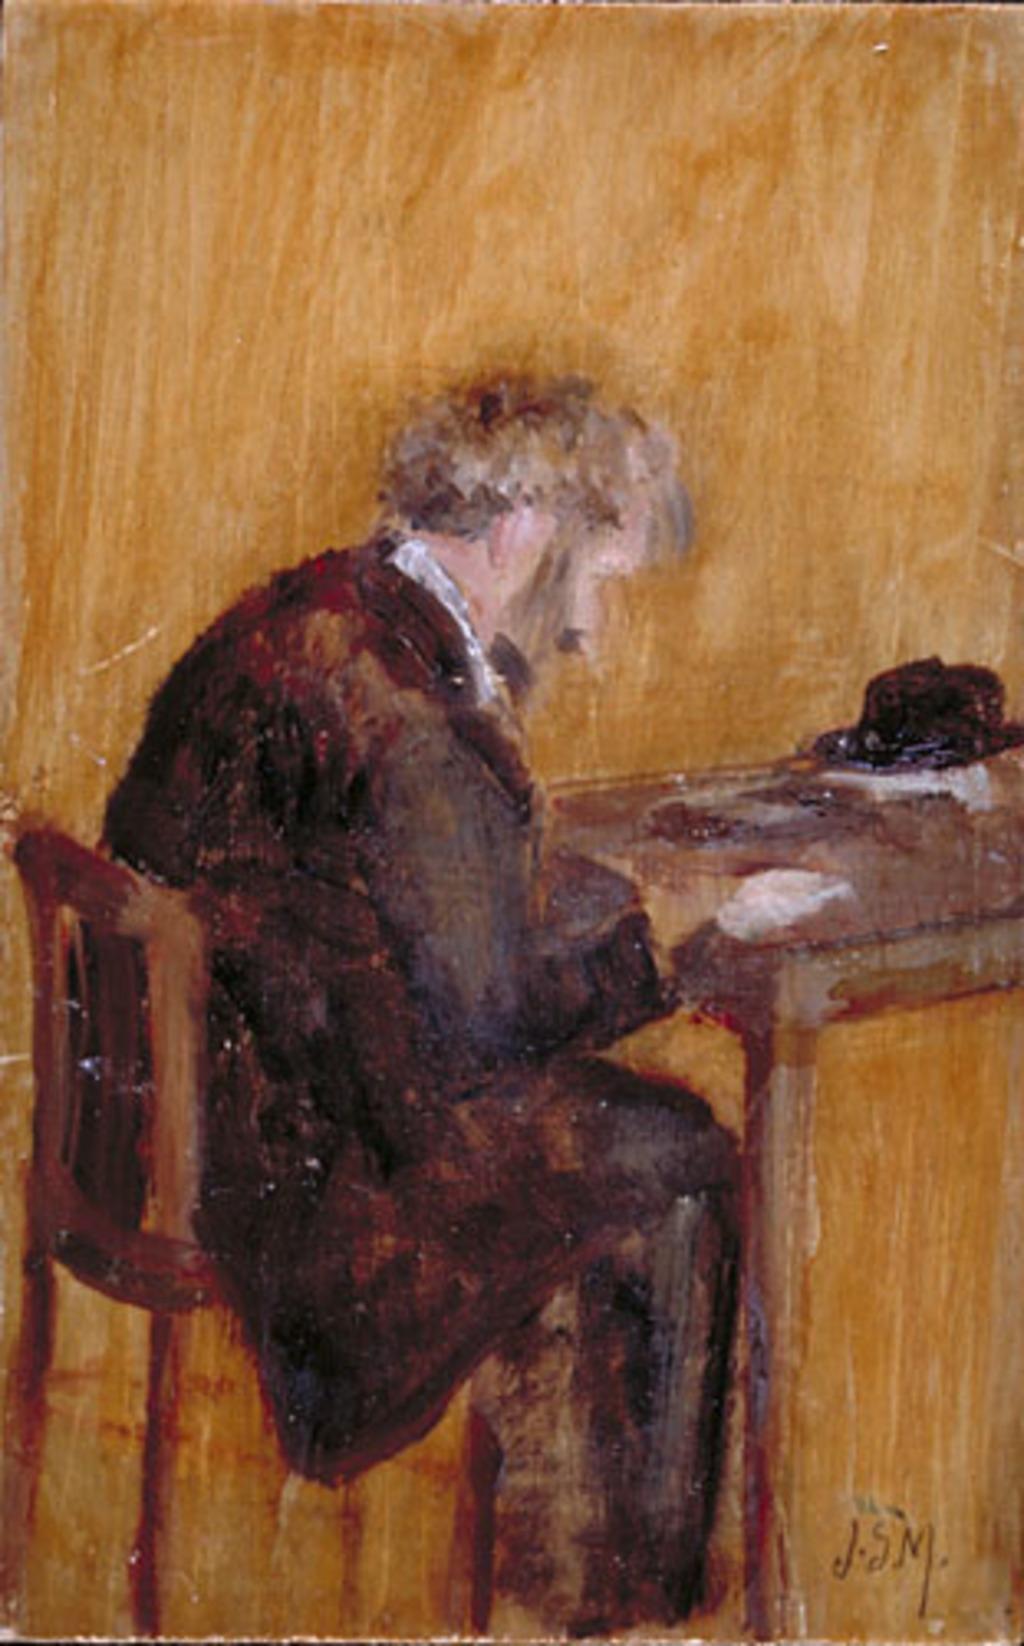 Charles Gill, professeur-artiste